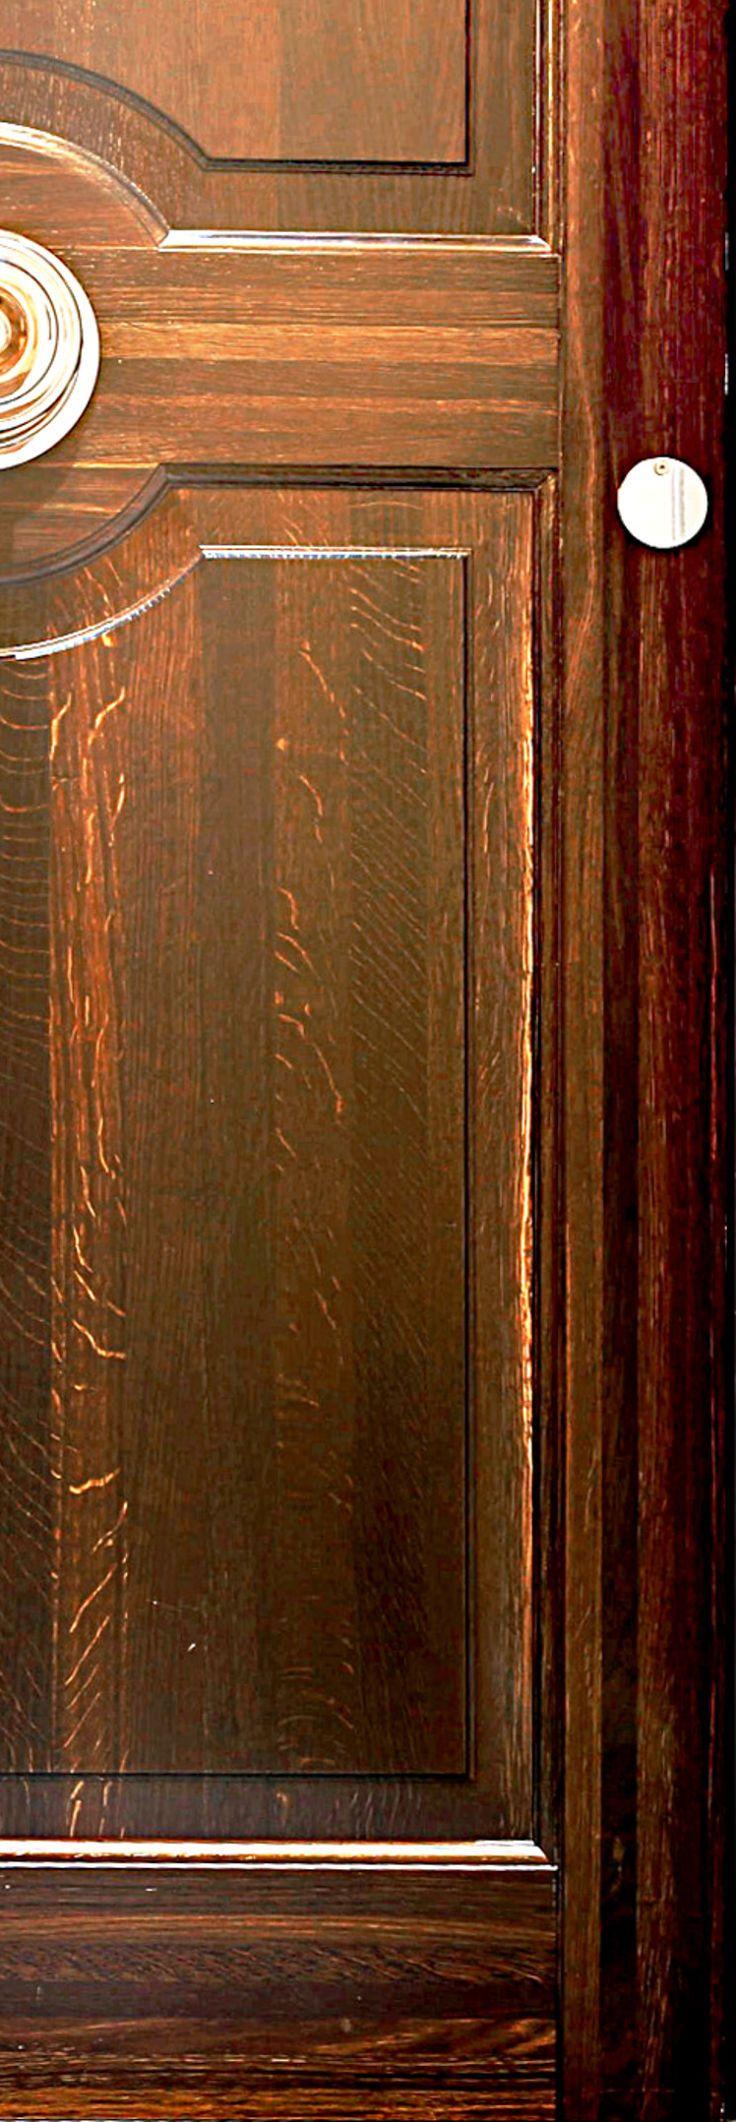 Vahle Door produced this custom door in stained oak for Hotel D'Angleterre in Copenhagen